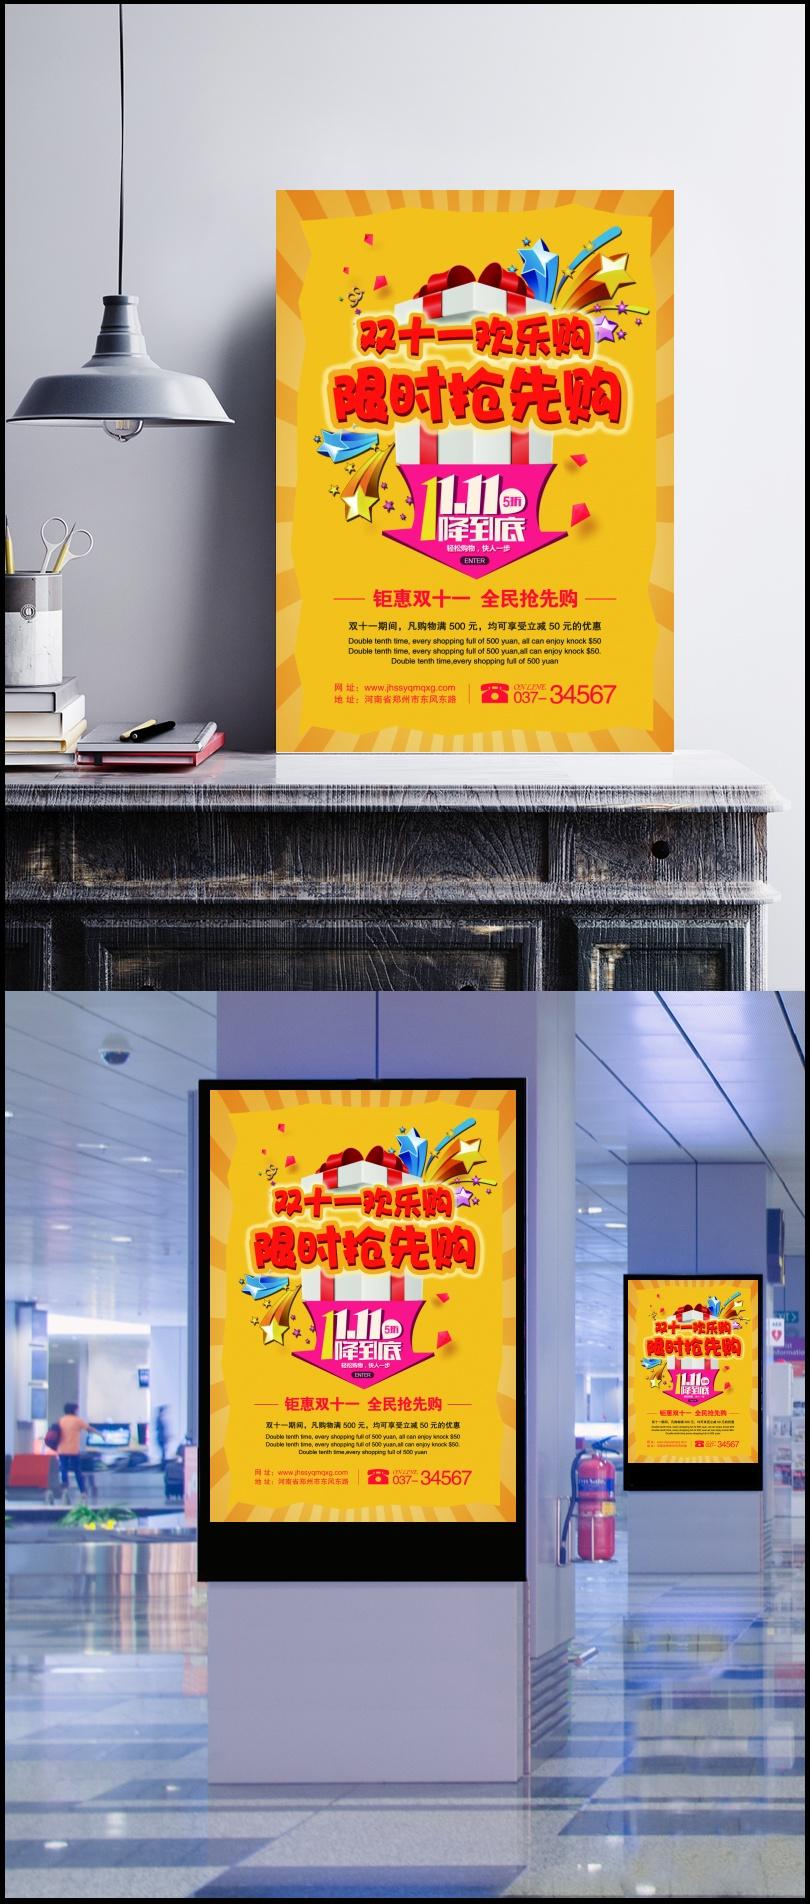 商場專賣店雙十一限時搶先購PSD海報